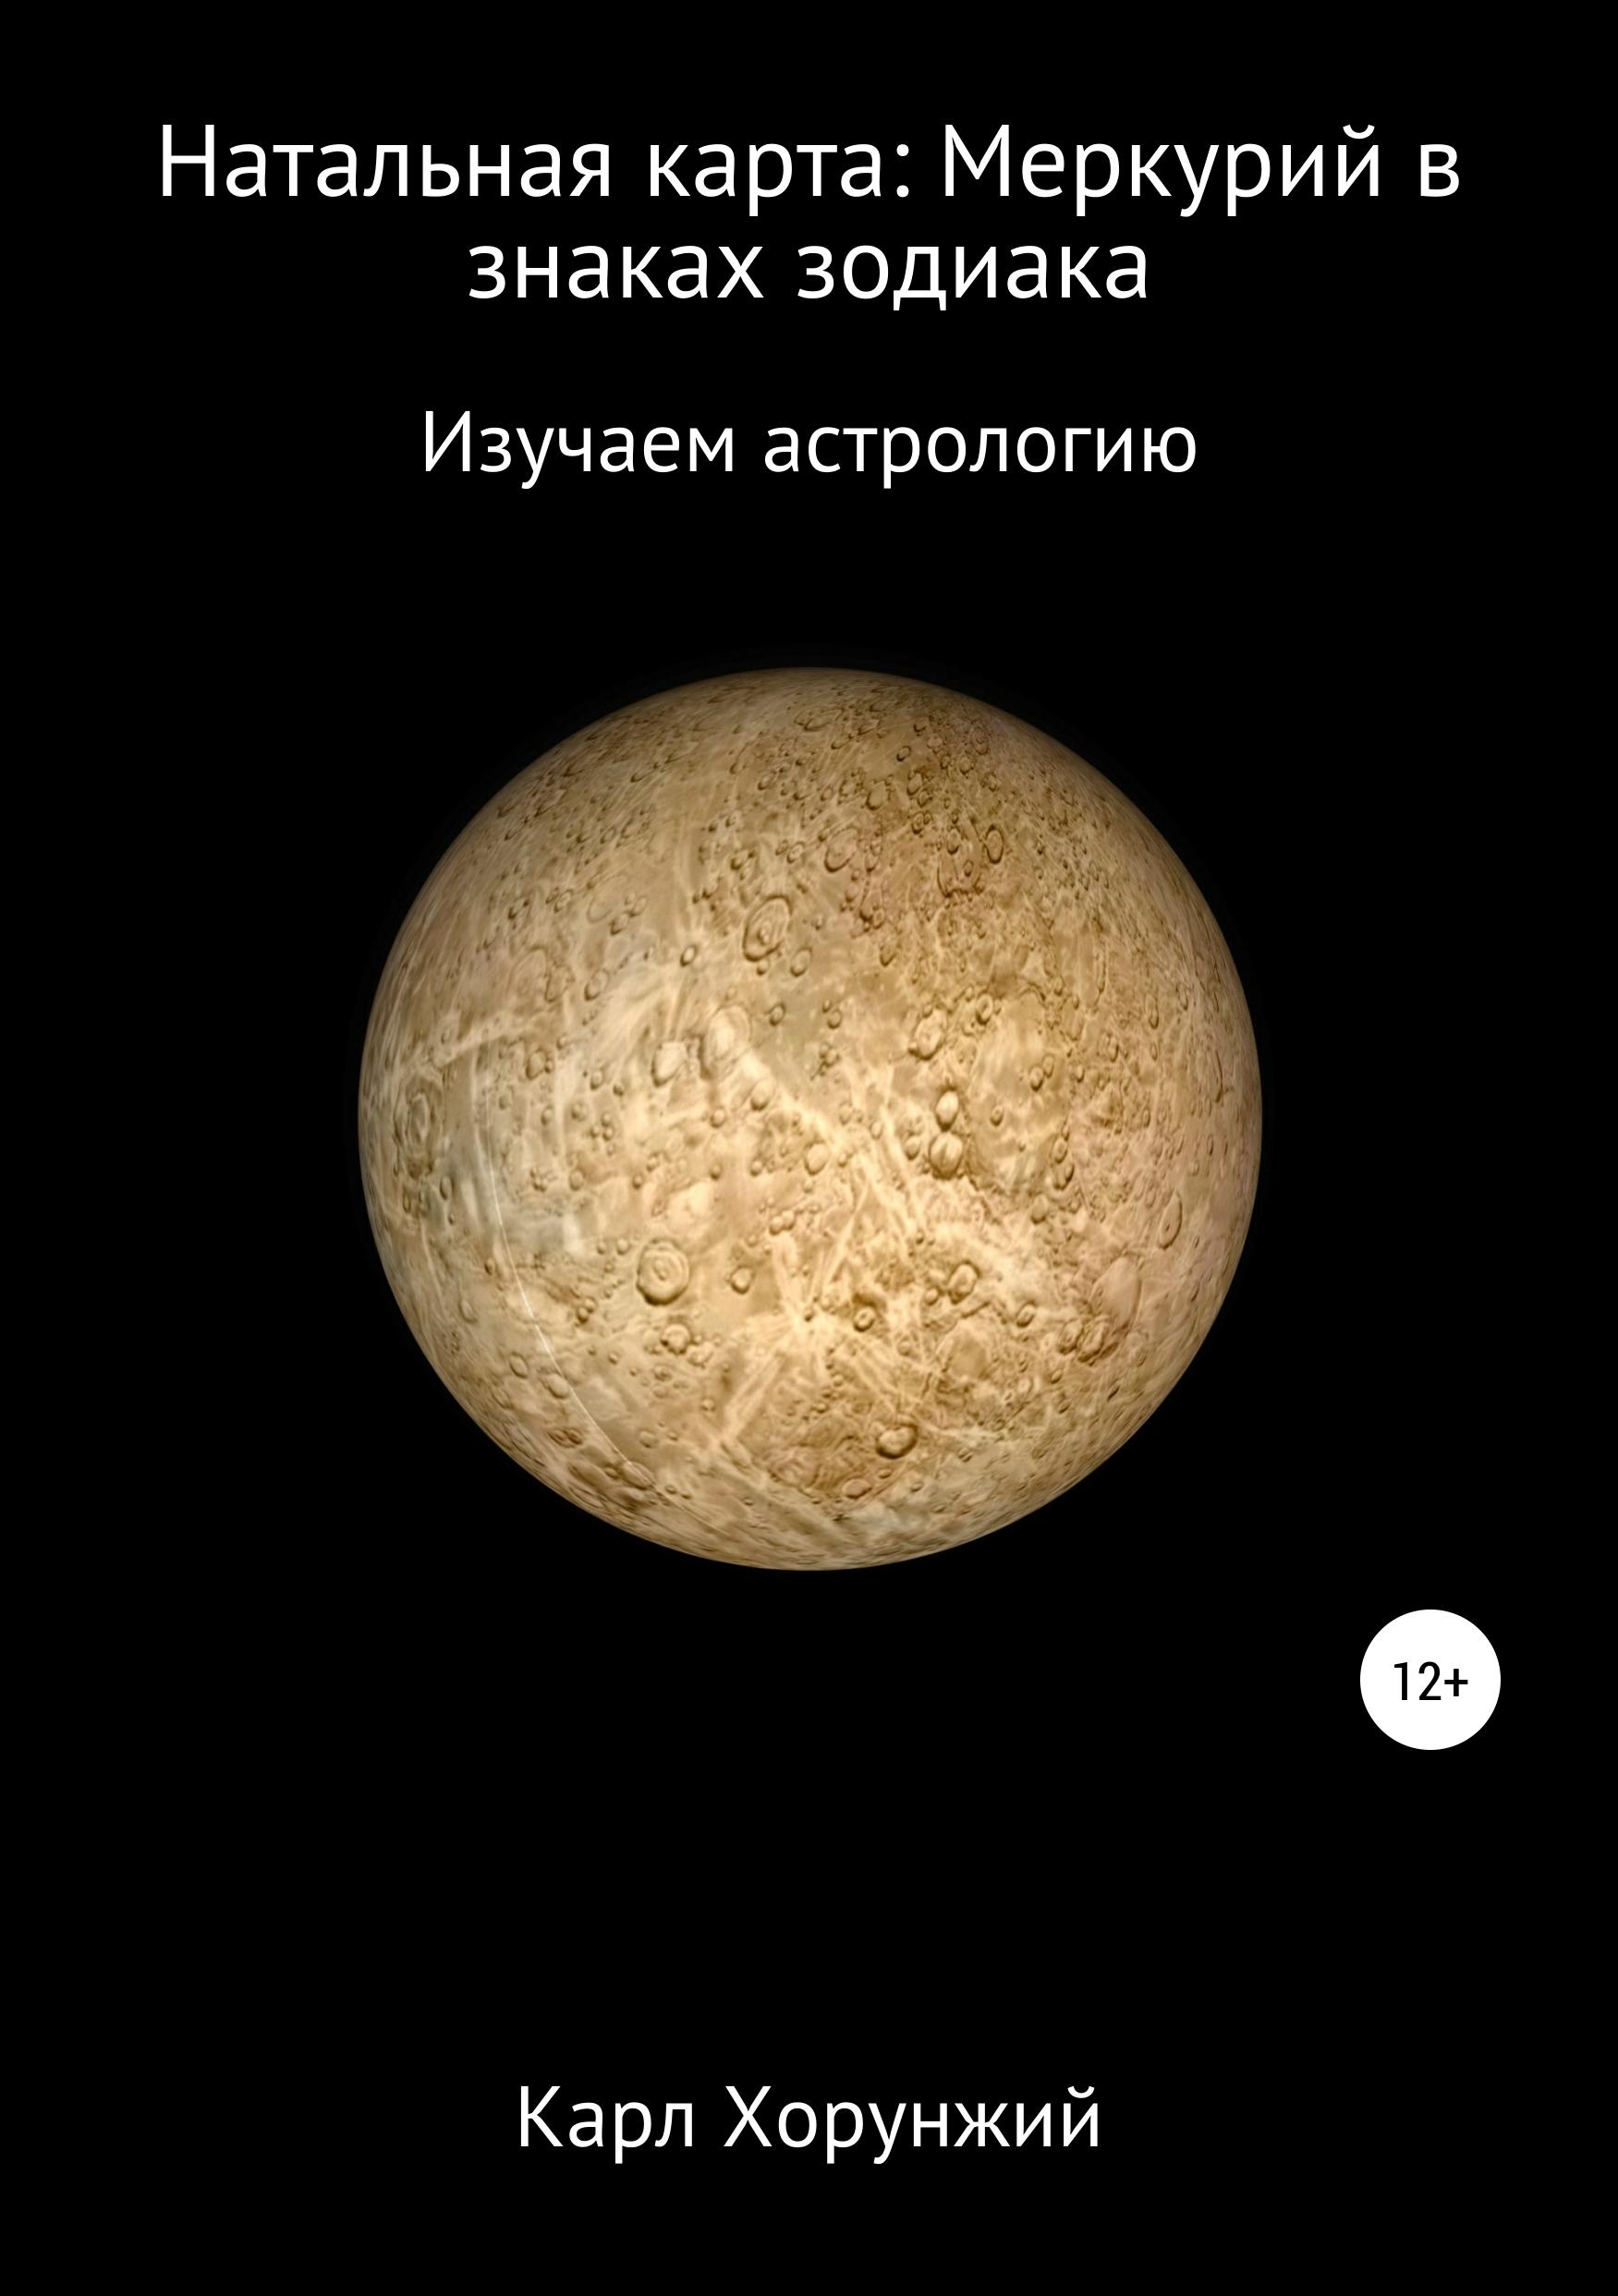 Купить книгу Натальная карта: Меркурий в знаках зодиака, автора Карла Альбертовича Хорунжего